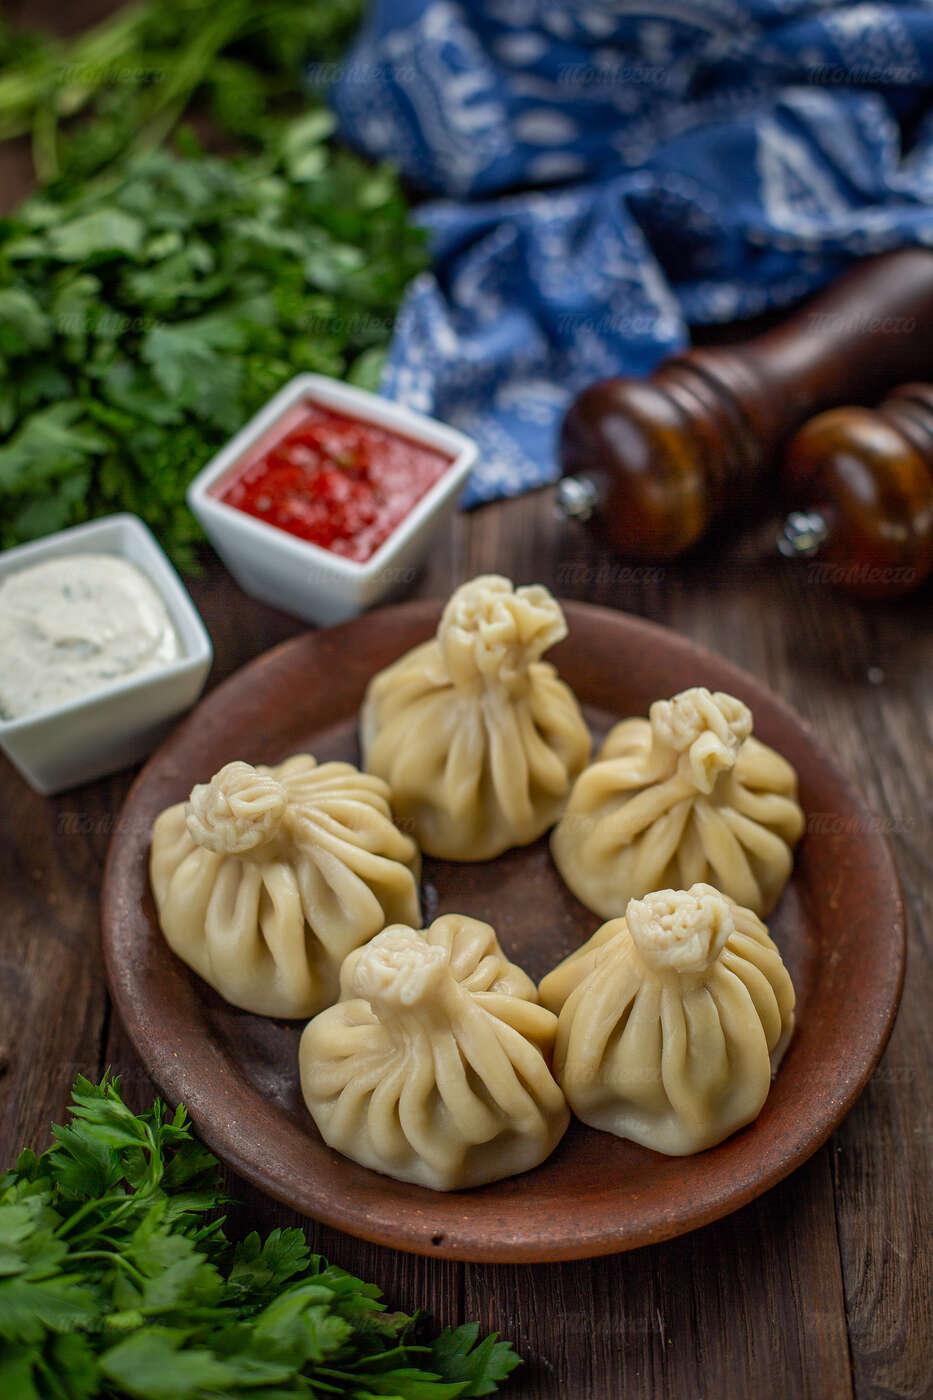 Меню кафе Хинкали & Хачапури на Димитрова фото 35